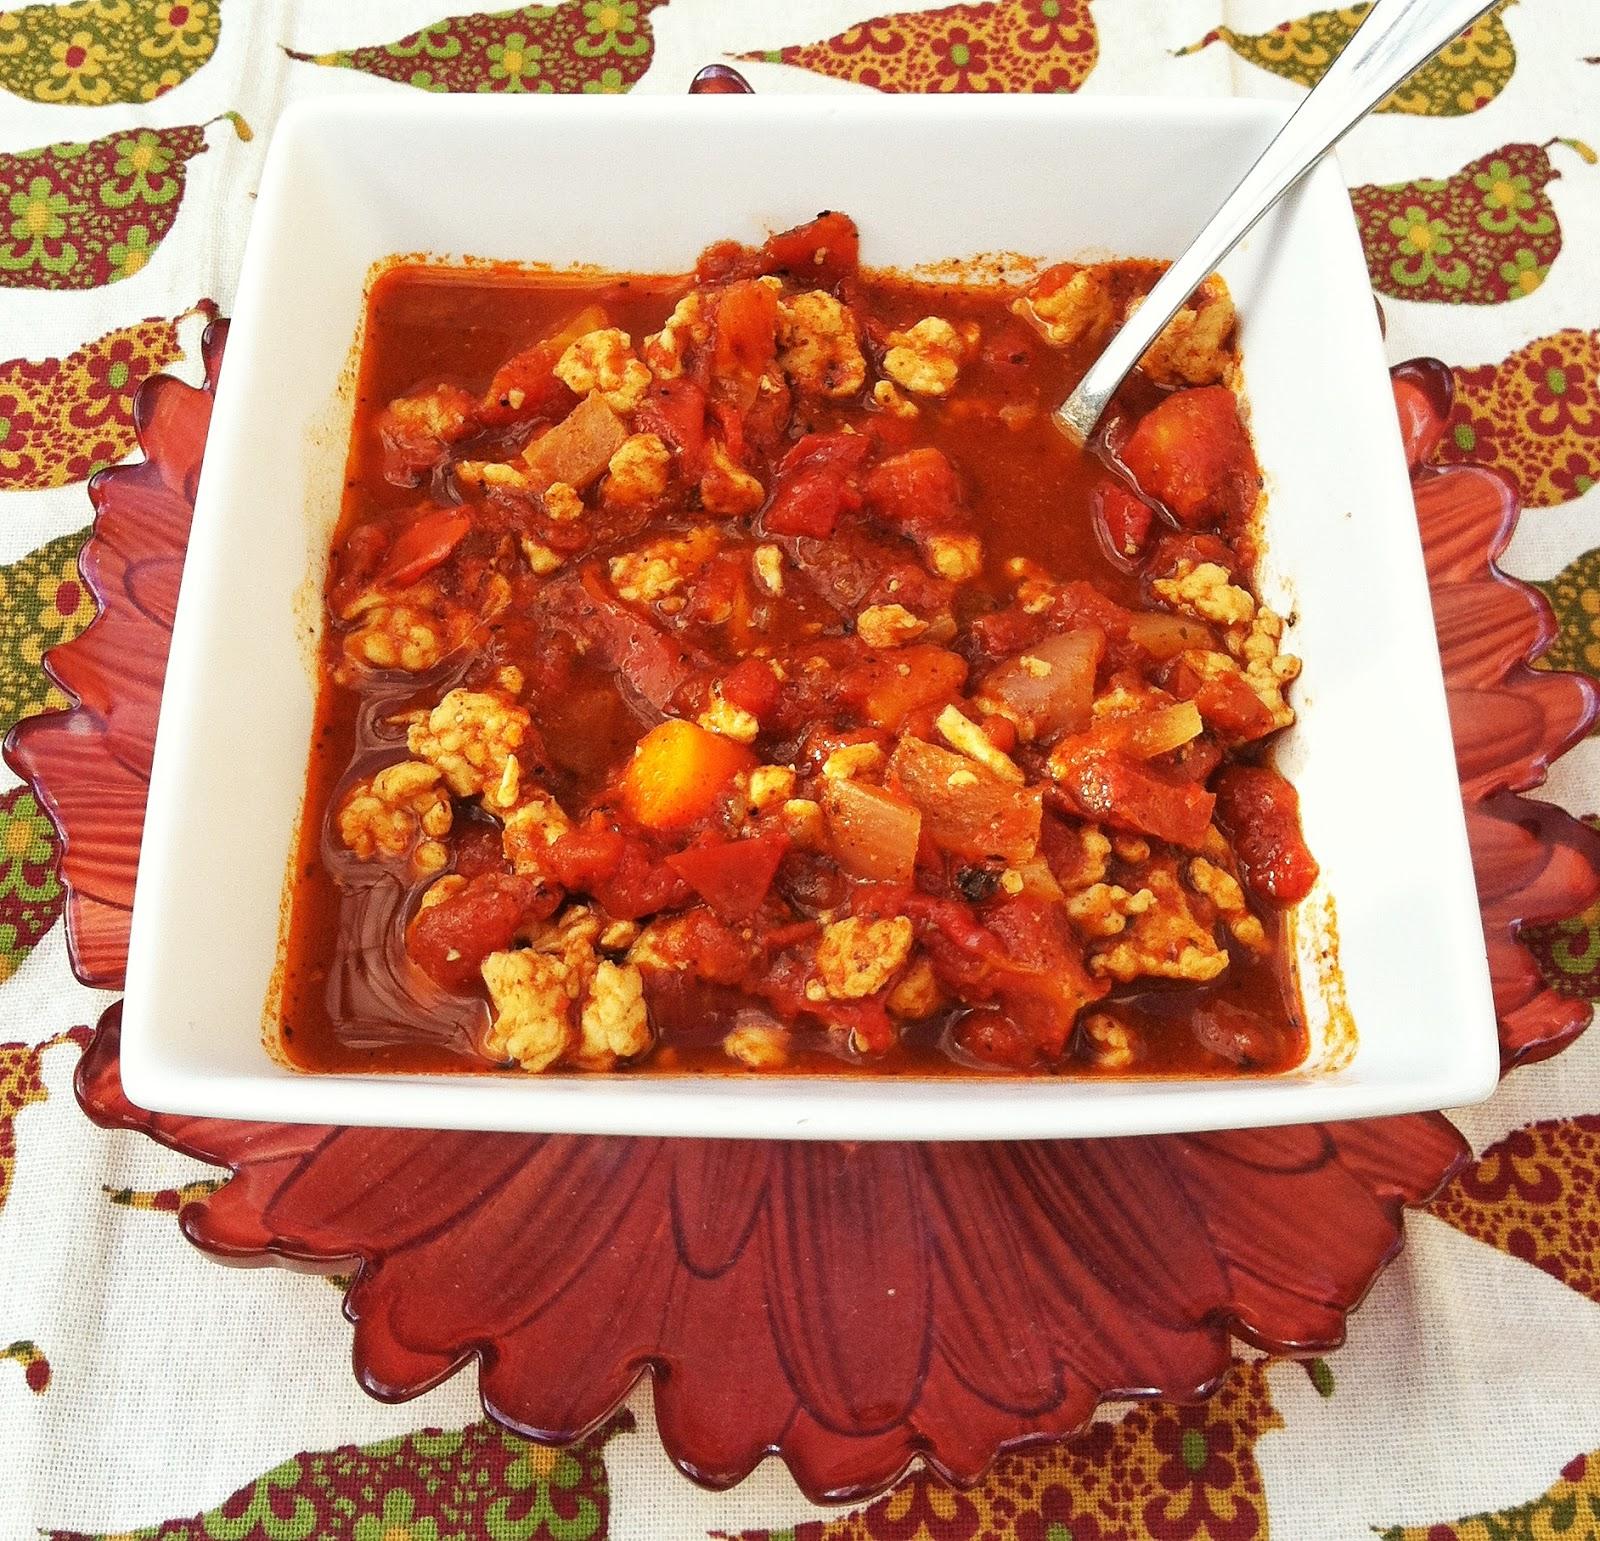 17 day diet turkey recipes